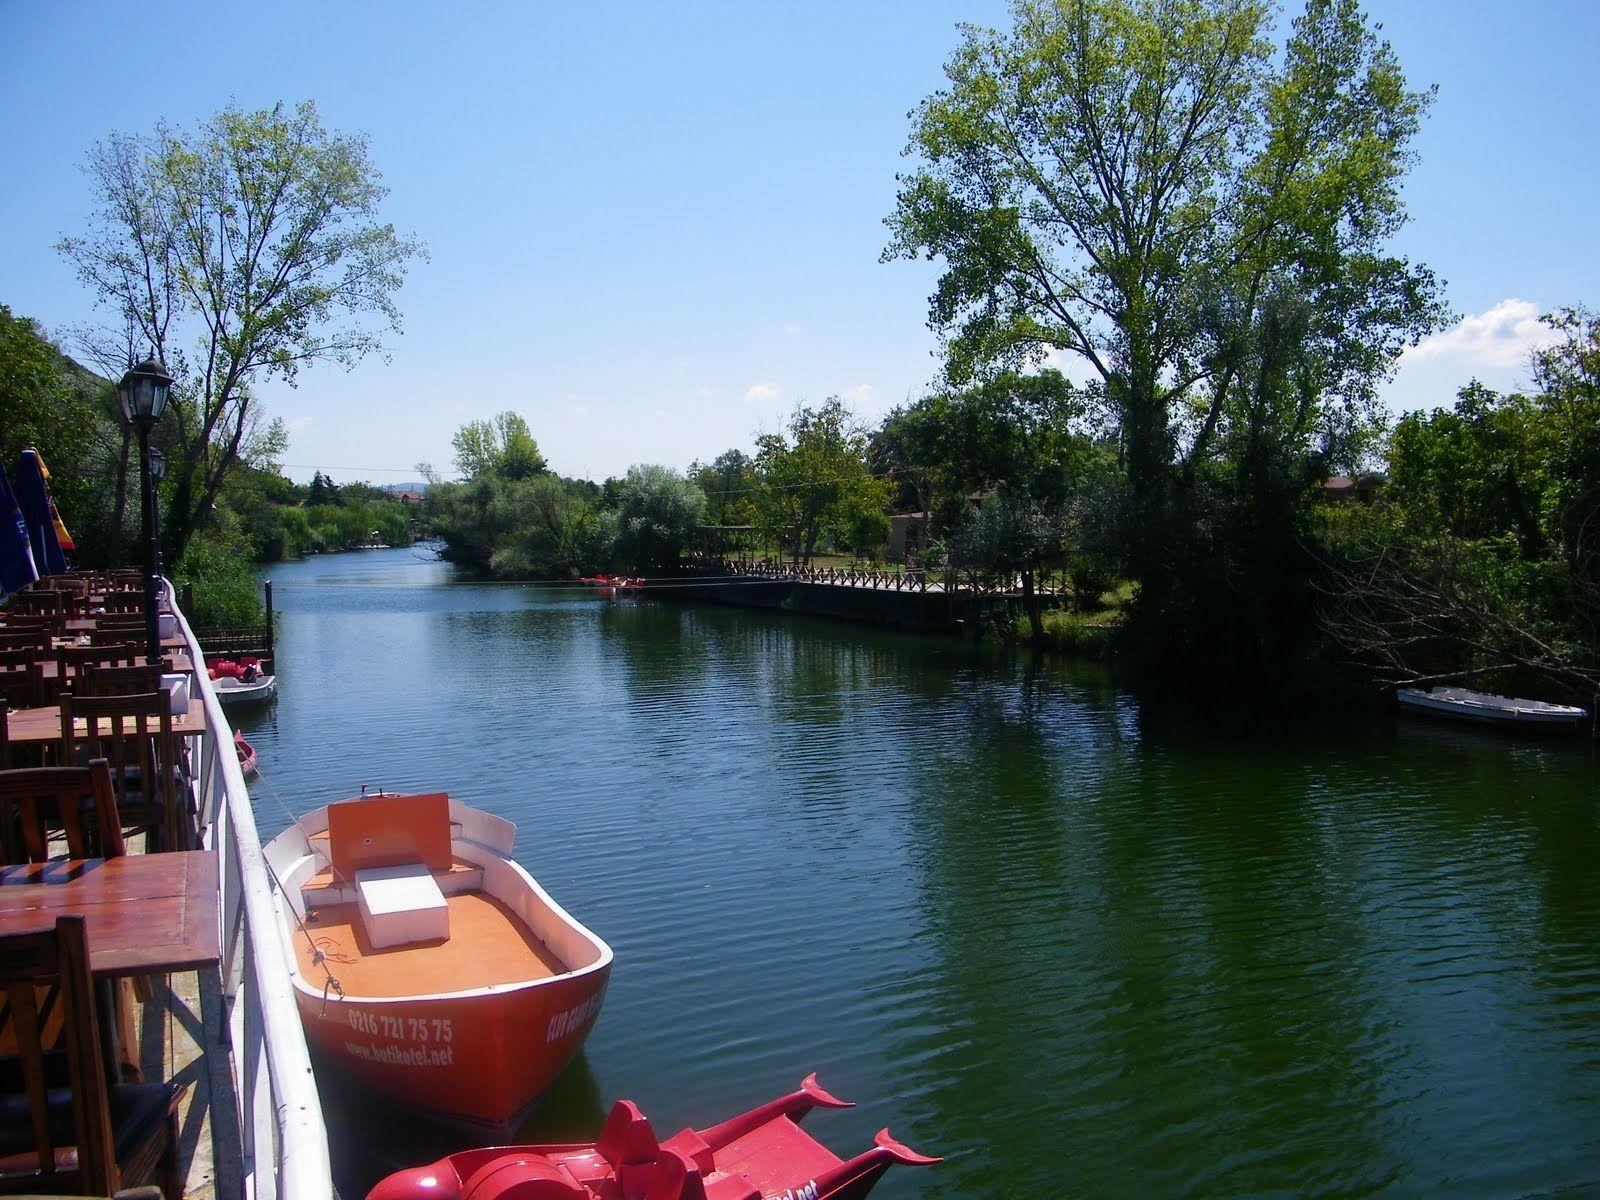 orte zu besuchen in ağva | urlaub reisen türkei / orte zu besuchen, Einladung